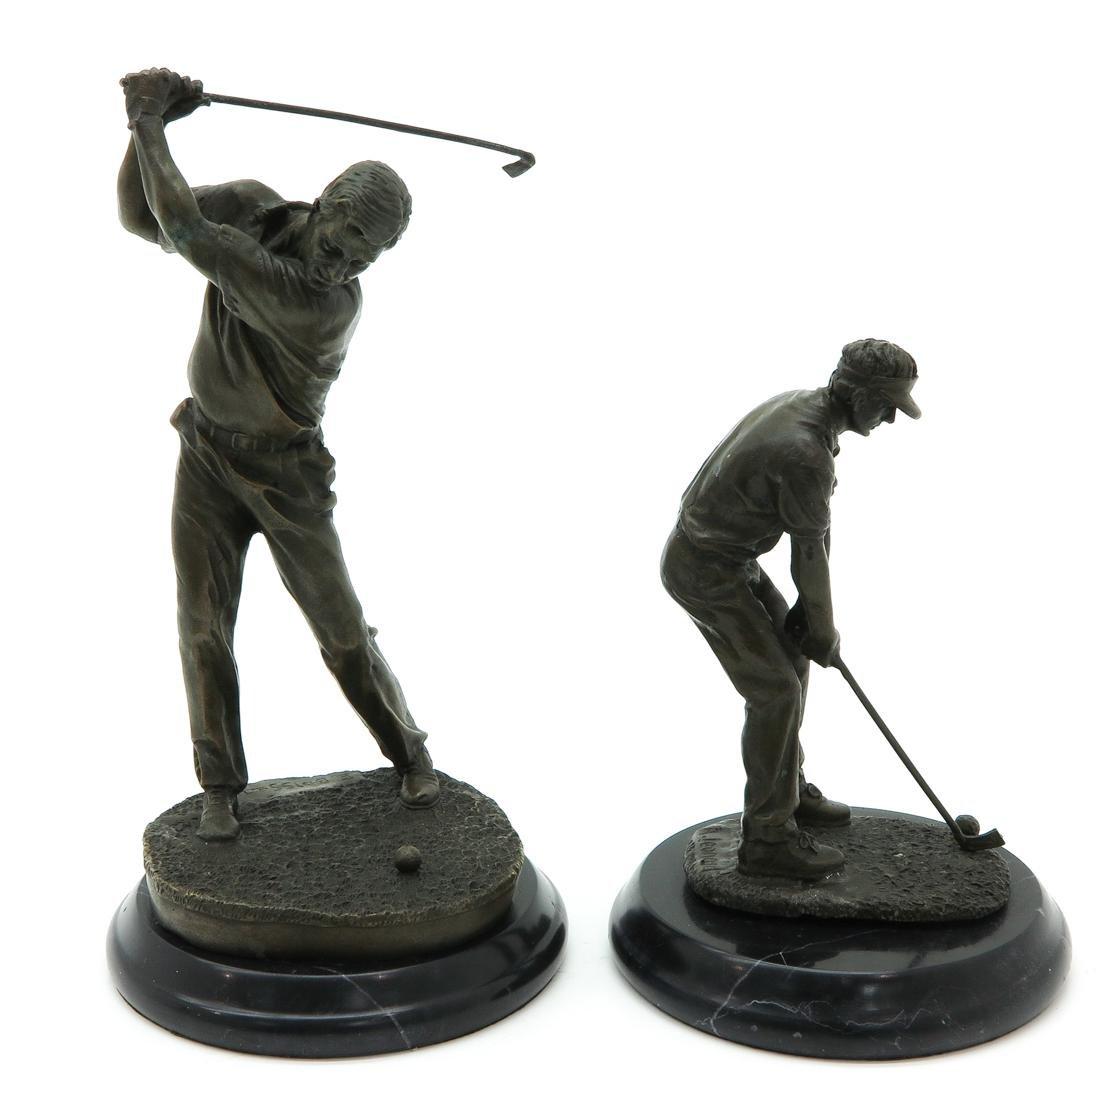 Lot of 2 Bronze Sculptures Depicting Golfers